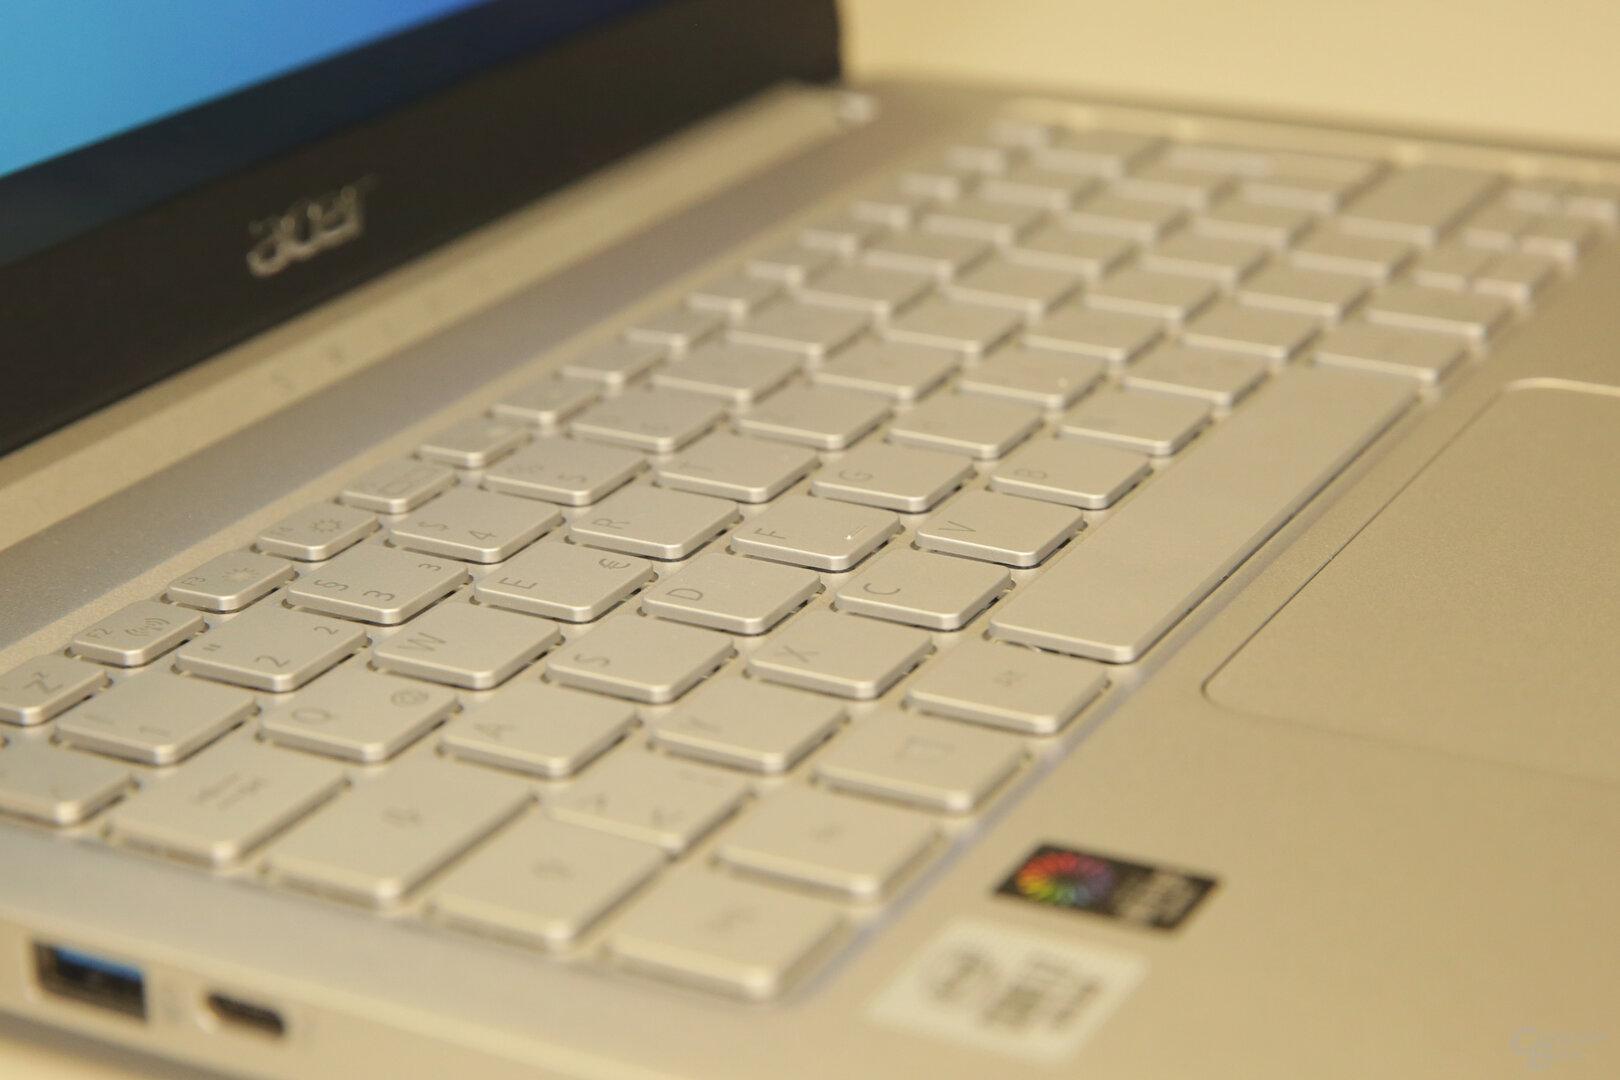 Die Chiclet-Tastatur mit grauer Tastenbeschriftung